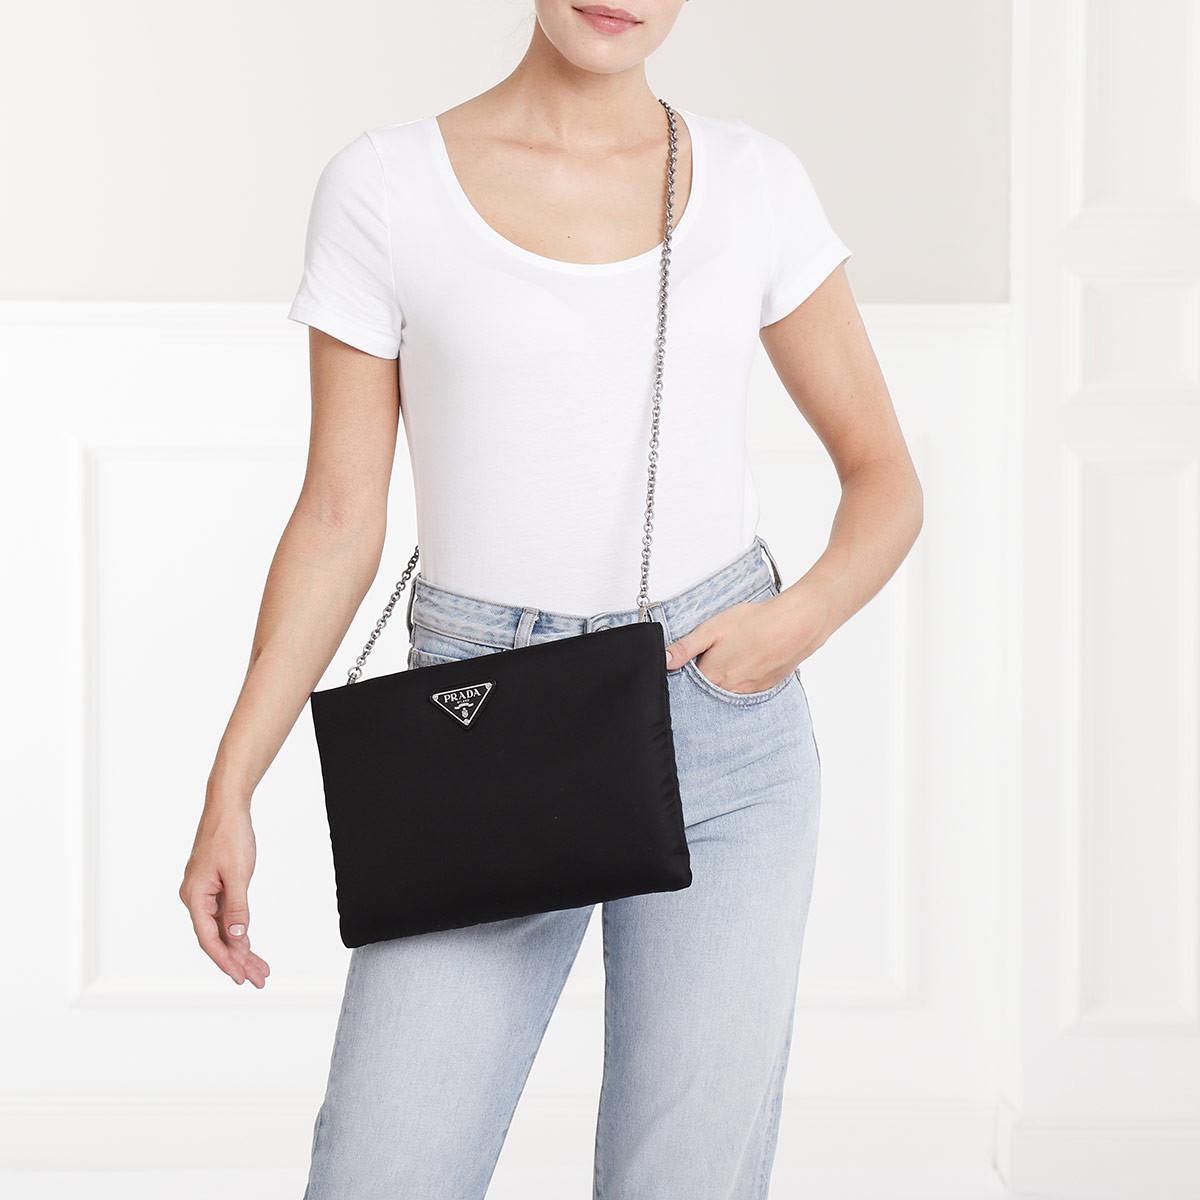 d18f16230f45 Prada - Black Medium Padded Nylon Clutch - Lyst. View fullscreen